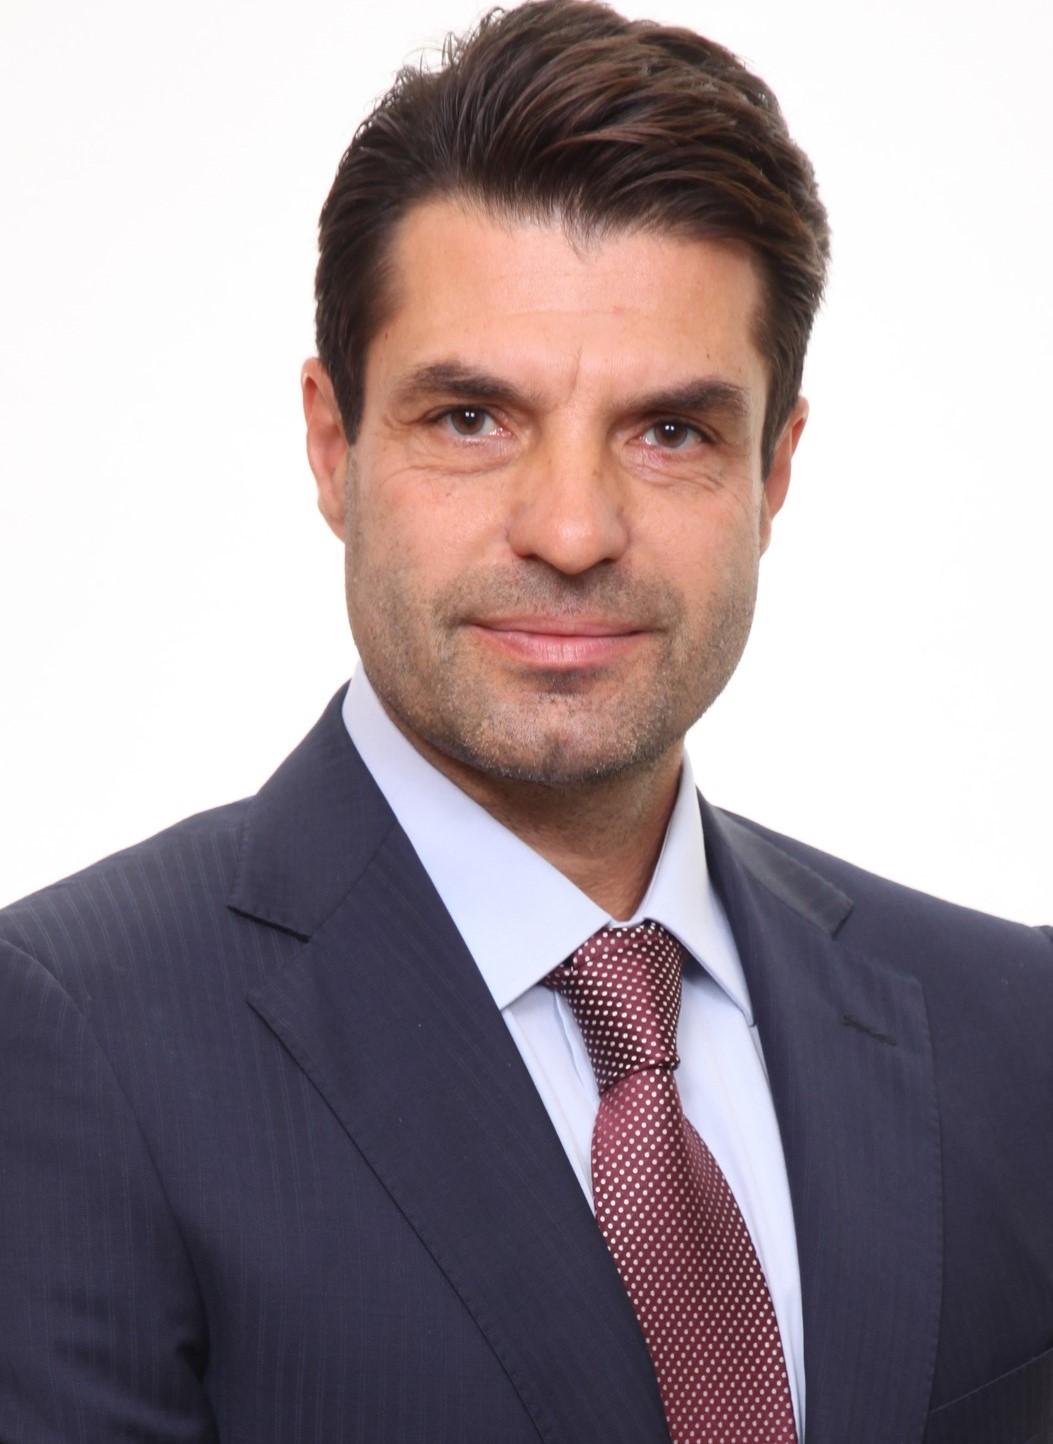 Αθανάσιος Ρήγας Χειρουργός Ουρολόγος